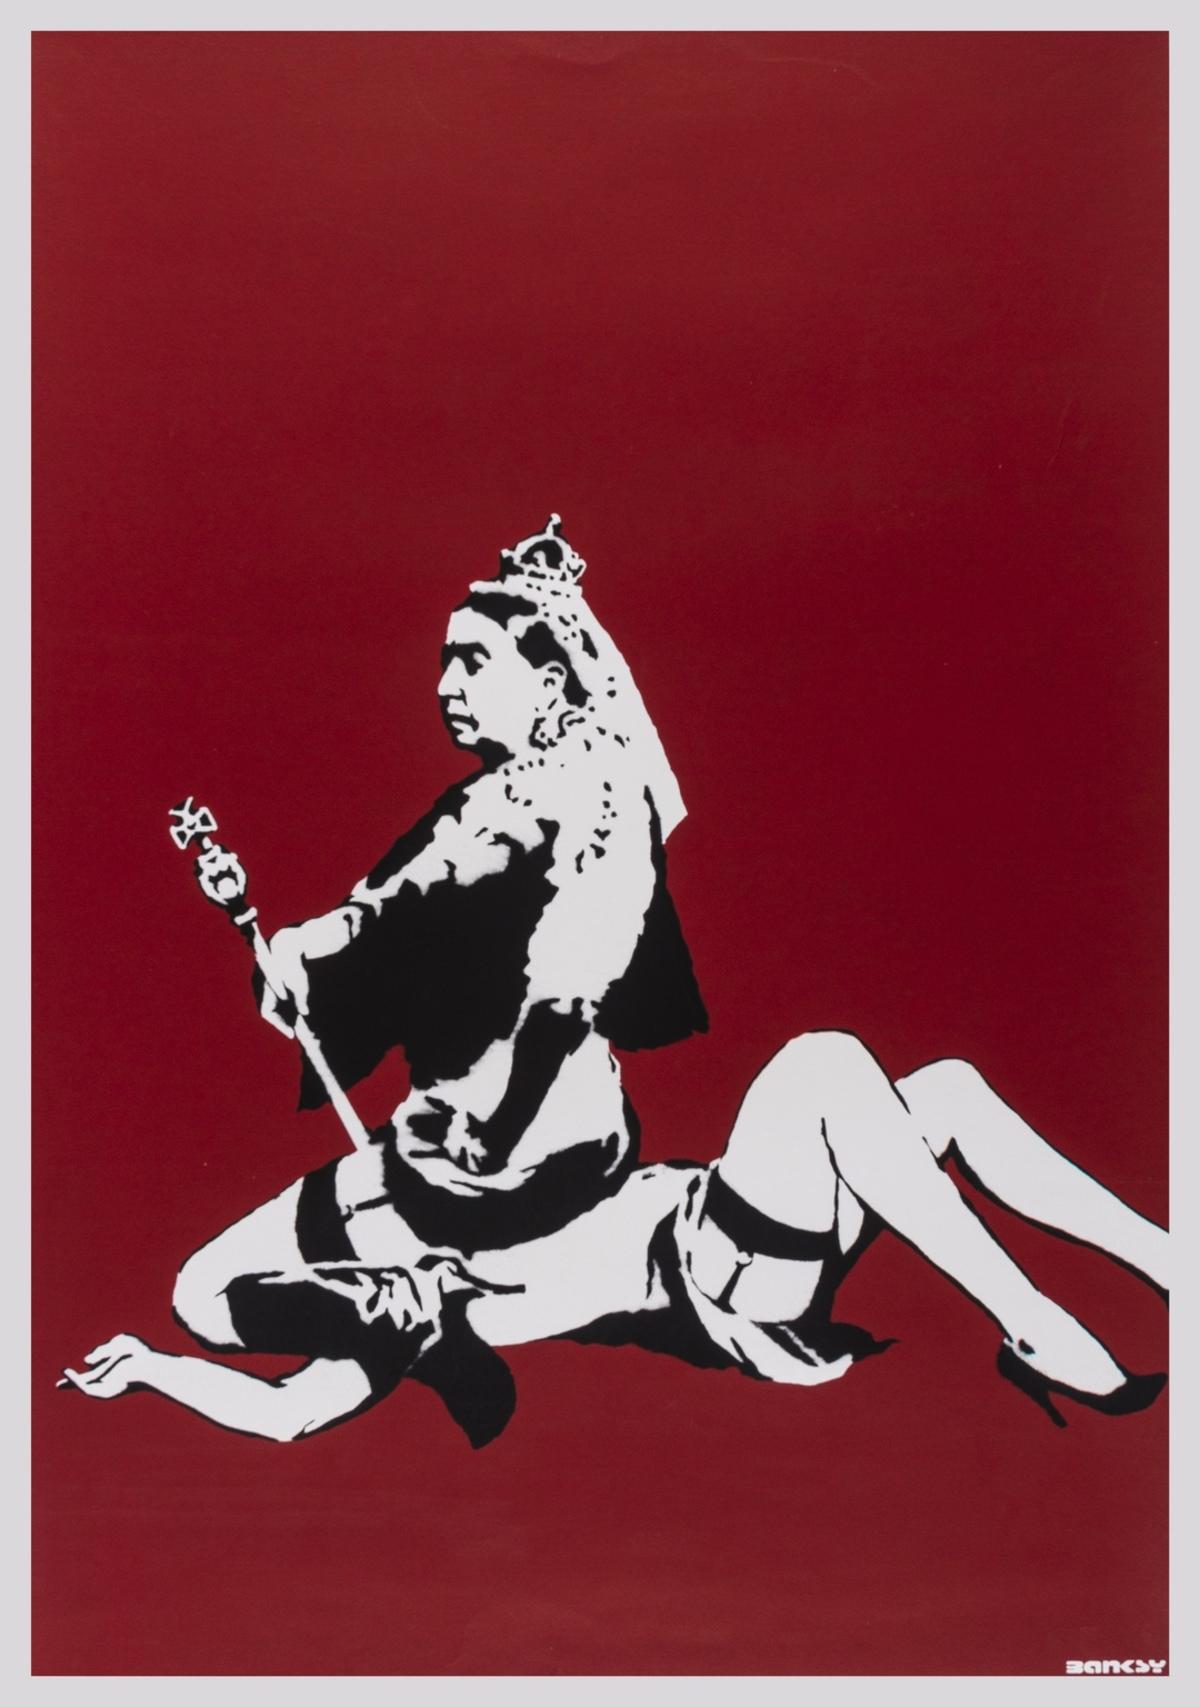 Banksy (b.1974) Queen Vic